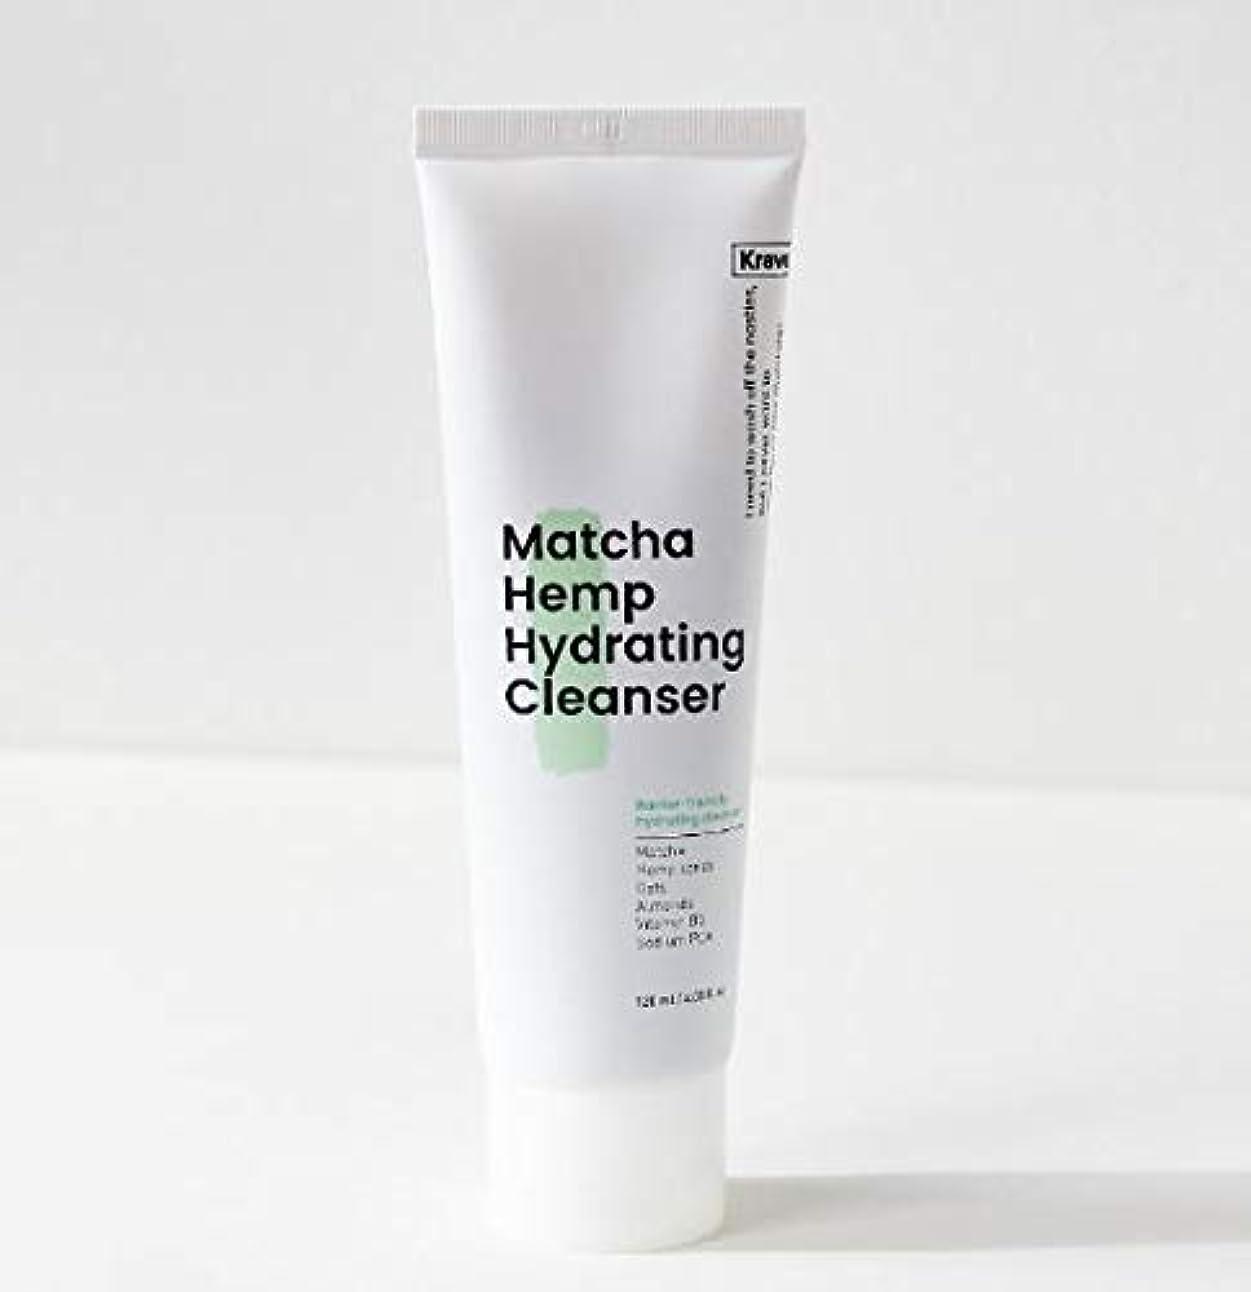 累積高層ビル医学[Krave] Matcha Hemp Hydrating Cleanser 120ml / 抹茶ハイドレイティングクレンザー120ml [並行輸入品]